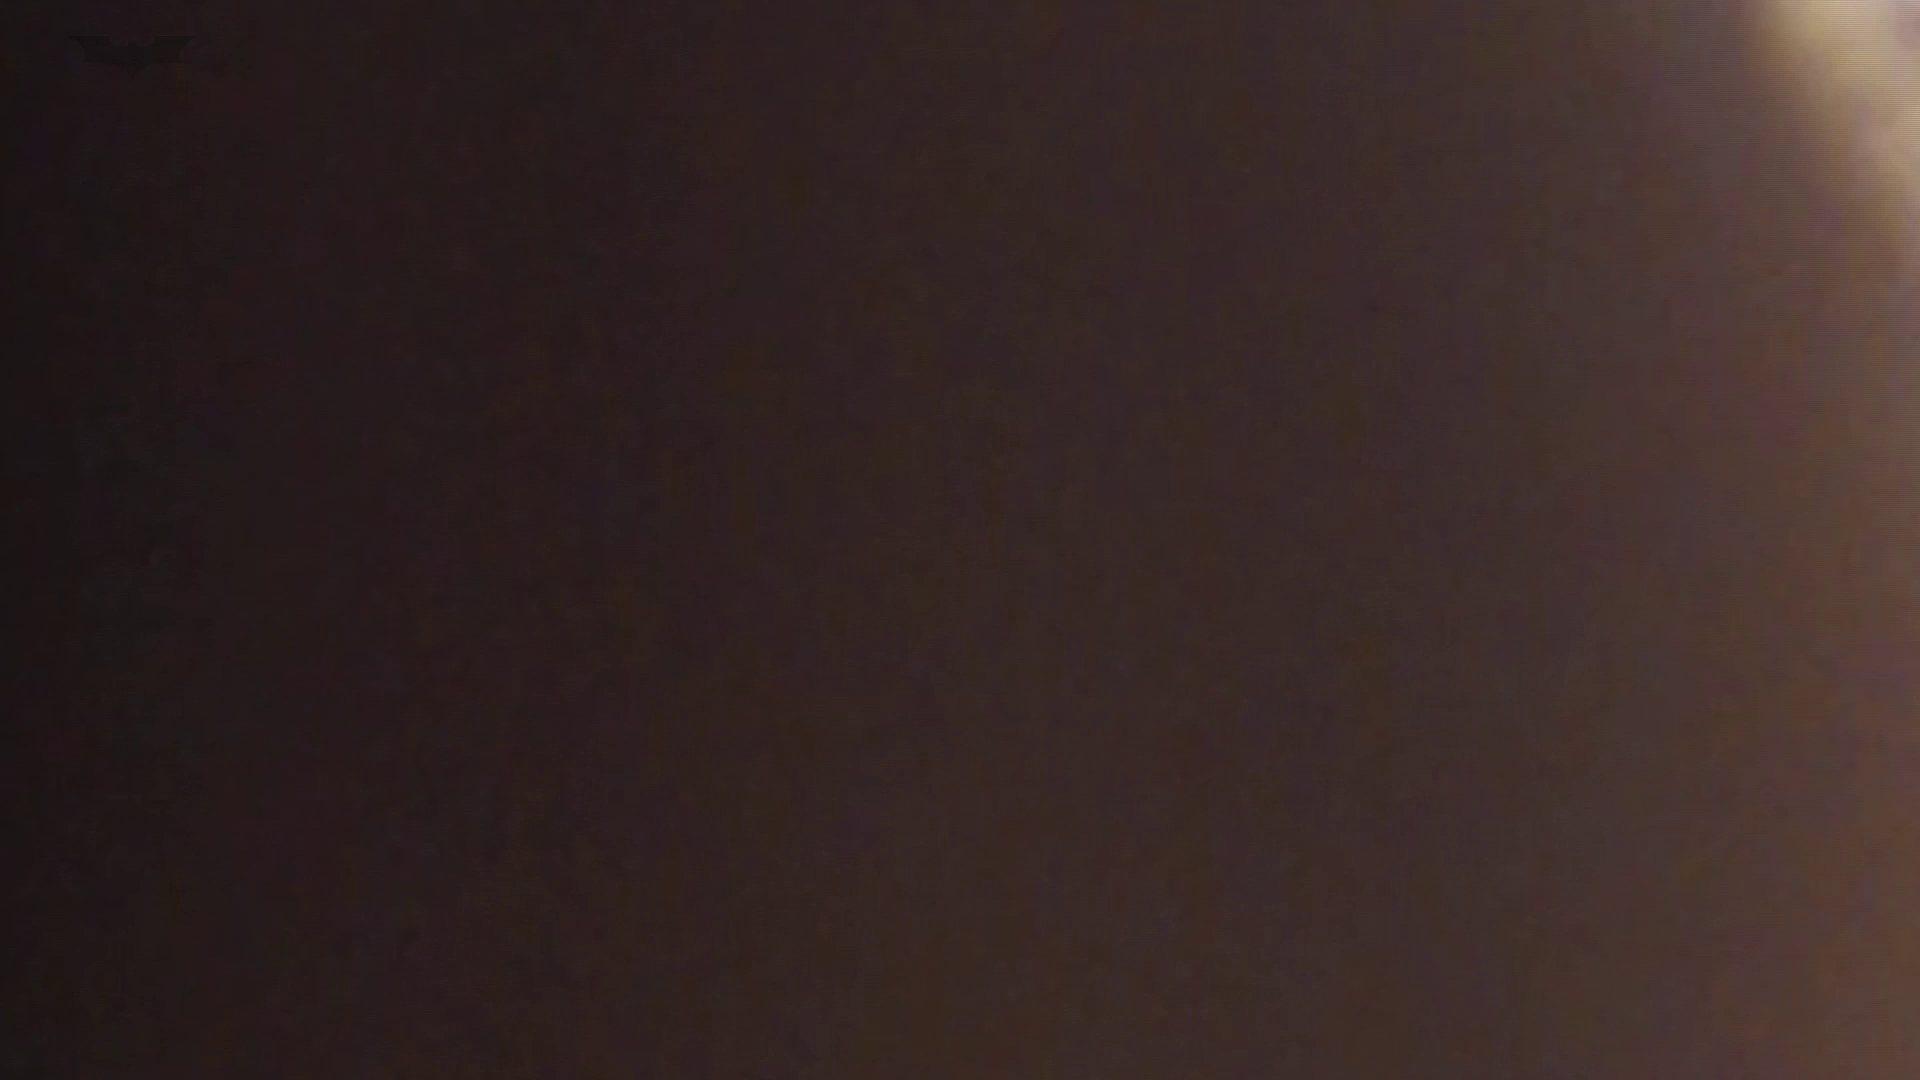 和式洋式七変化 Vol.31 洋式だけど丸見えですっ!! 丸見えマンコ | 高画質  96画像 38